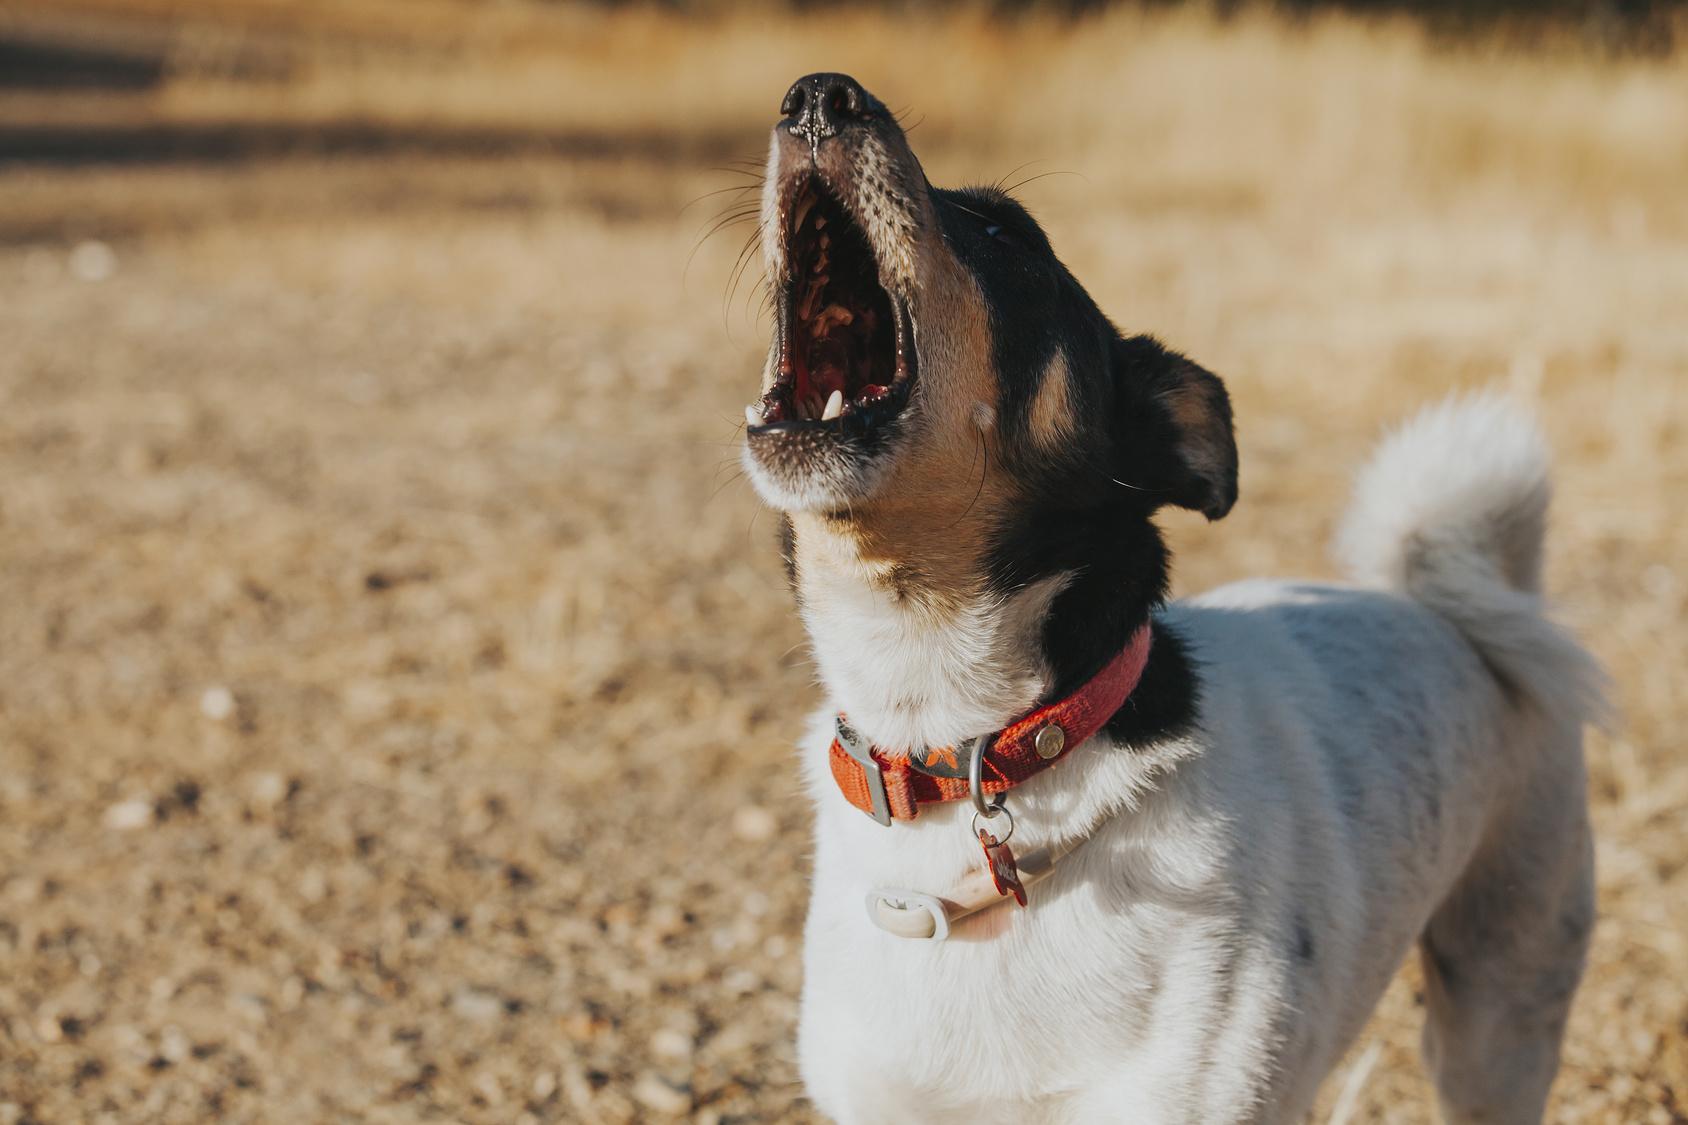 言葉を話せないからこそ気を付けたい!犬がストレスを感じている時の行動は?